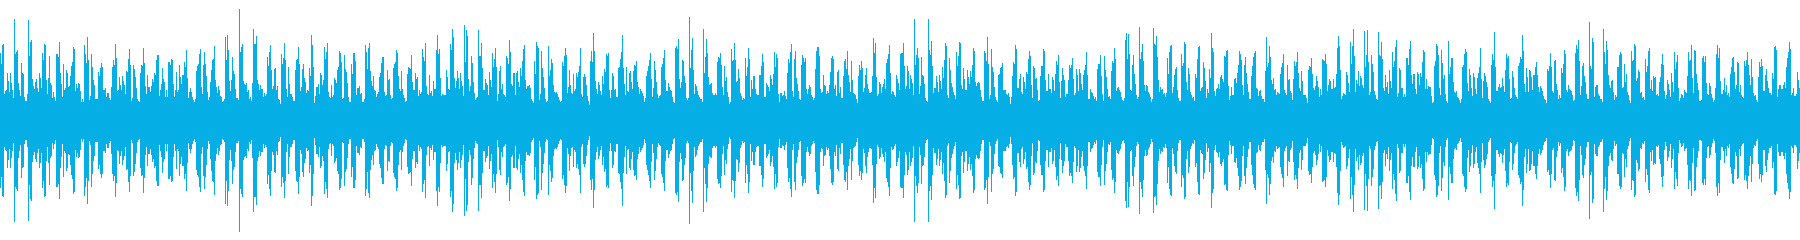 元気な雰囲気がメインの軽快な曲の再生済みの波形